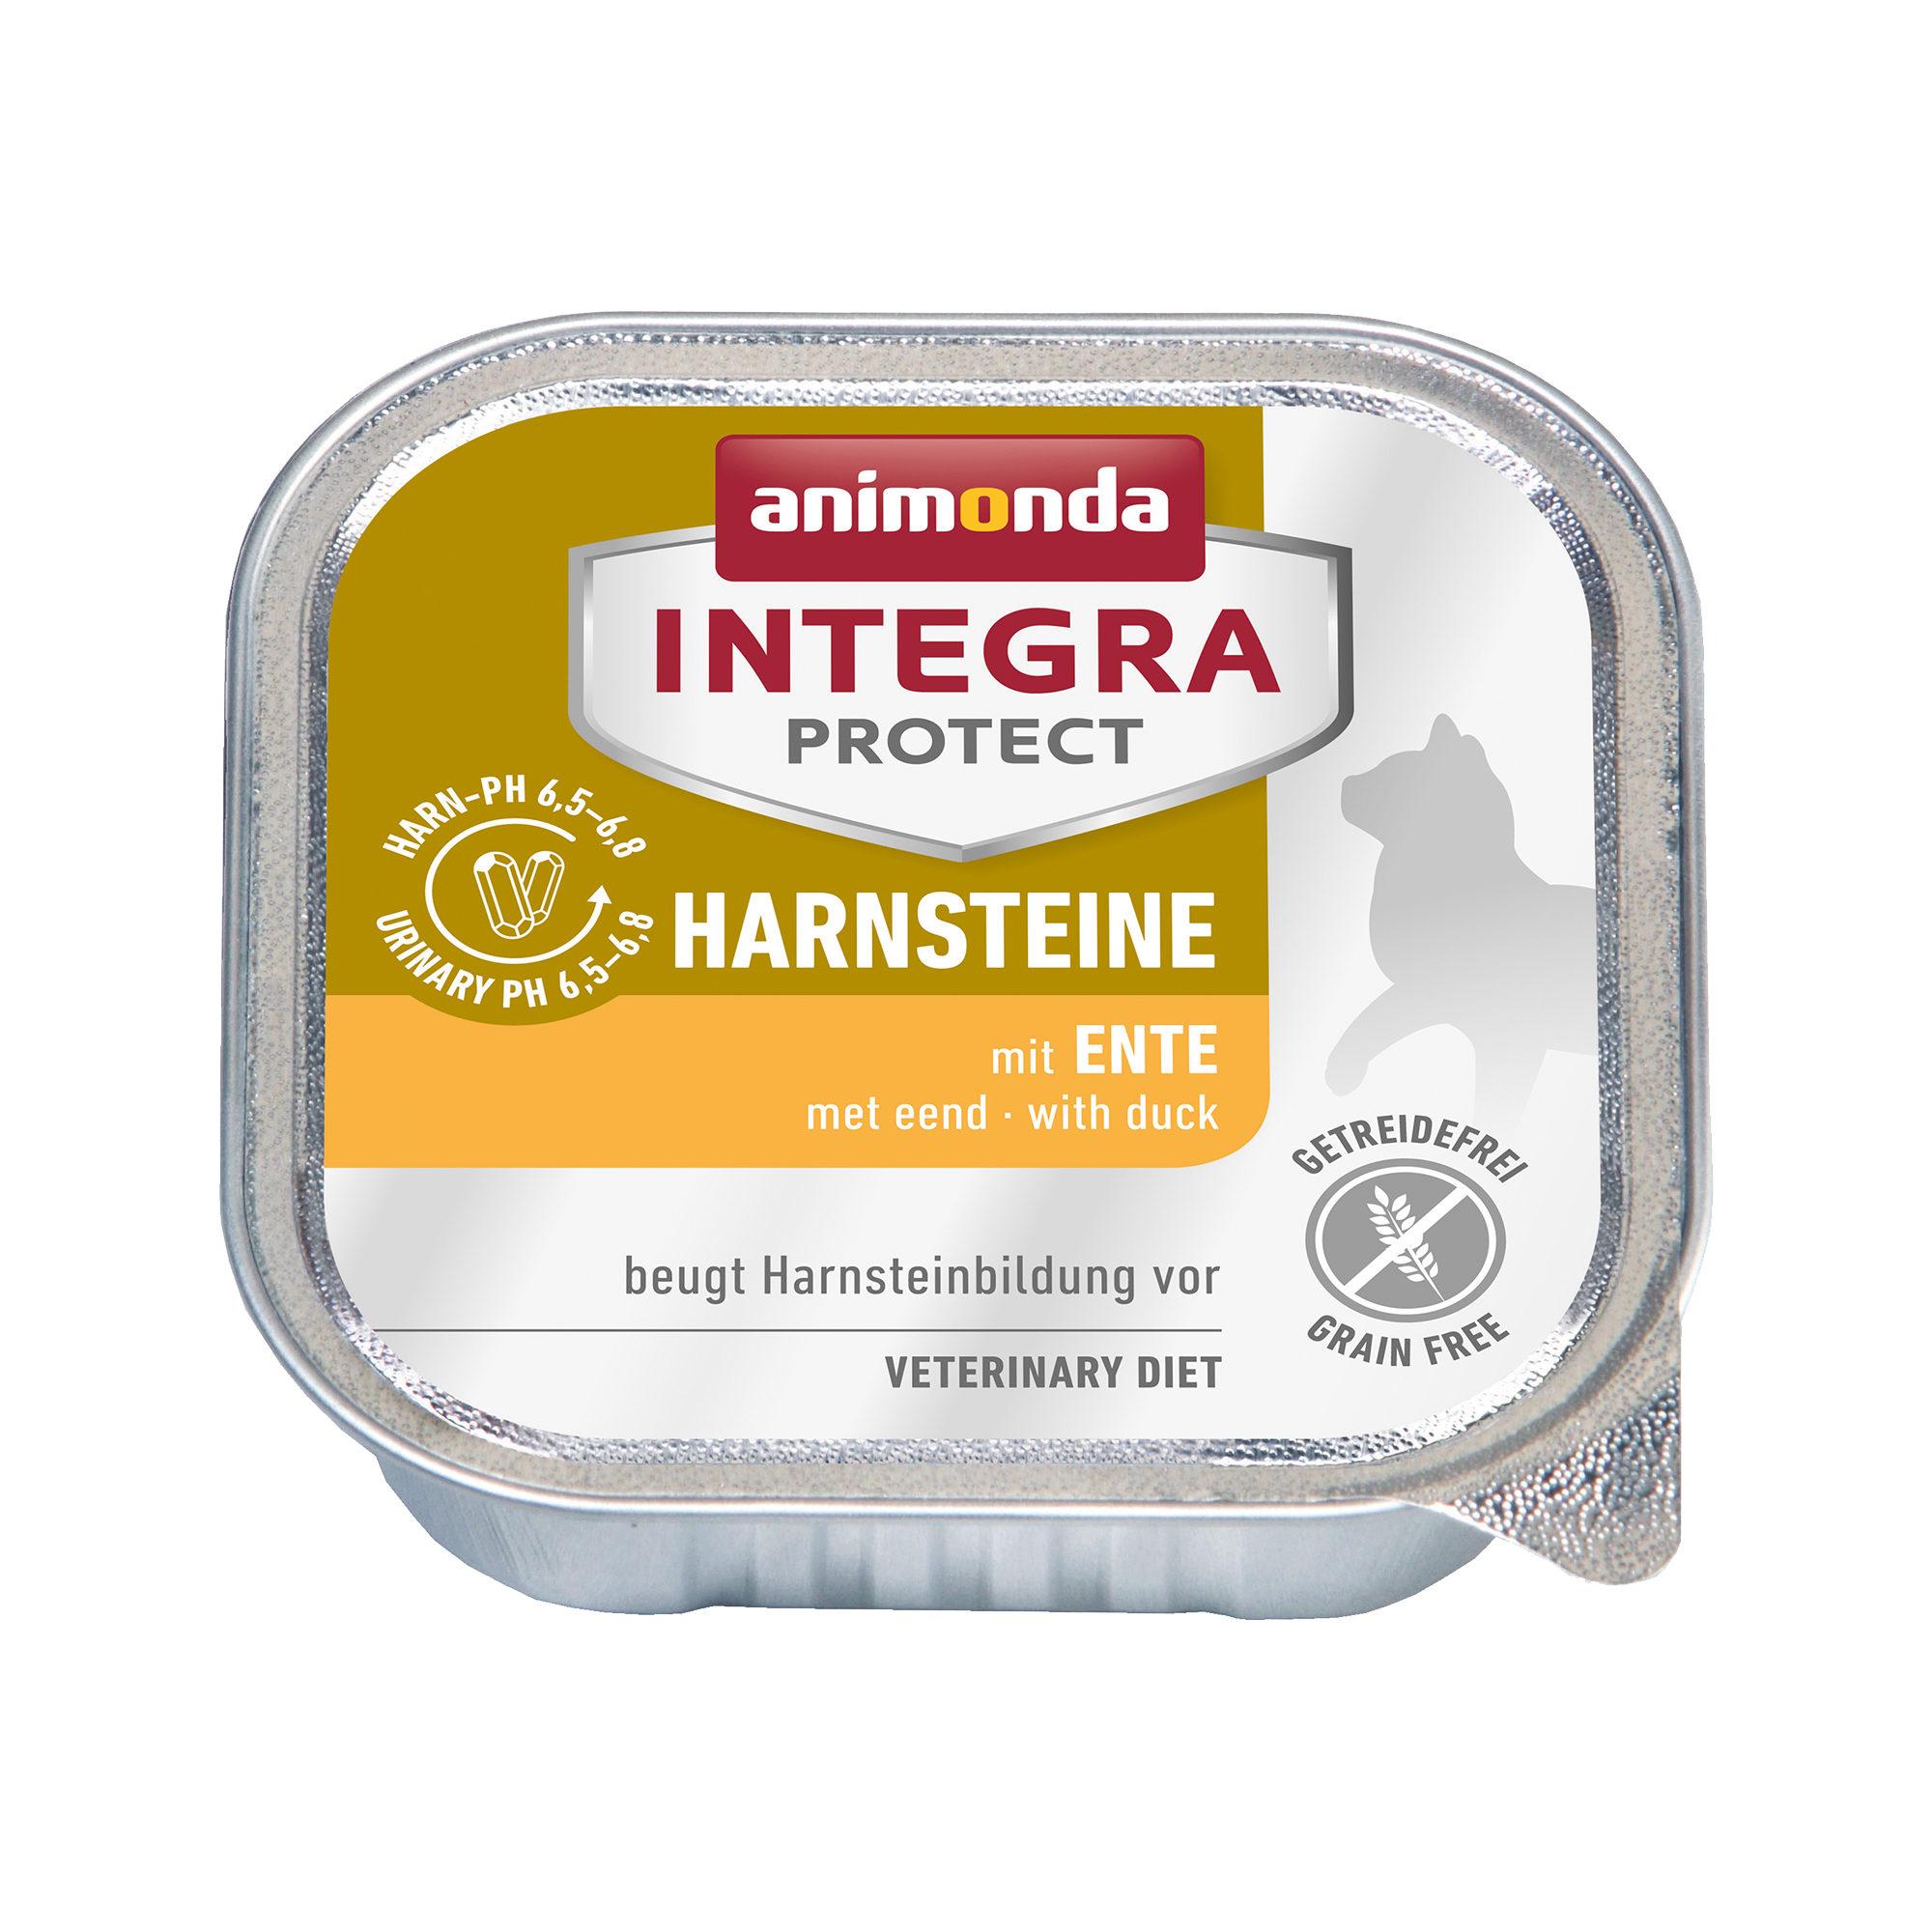 Animonda Integra Protect Harnsteine Katzenfutter - Schälchen - Ente - 16 x 100 g